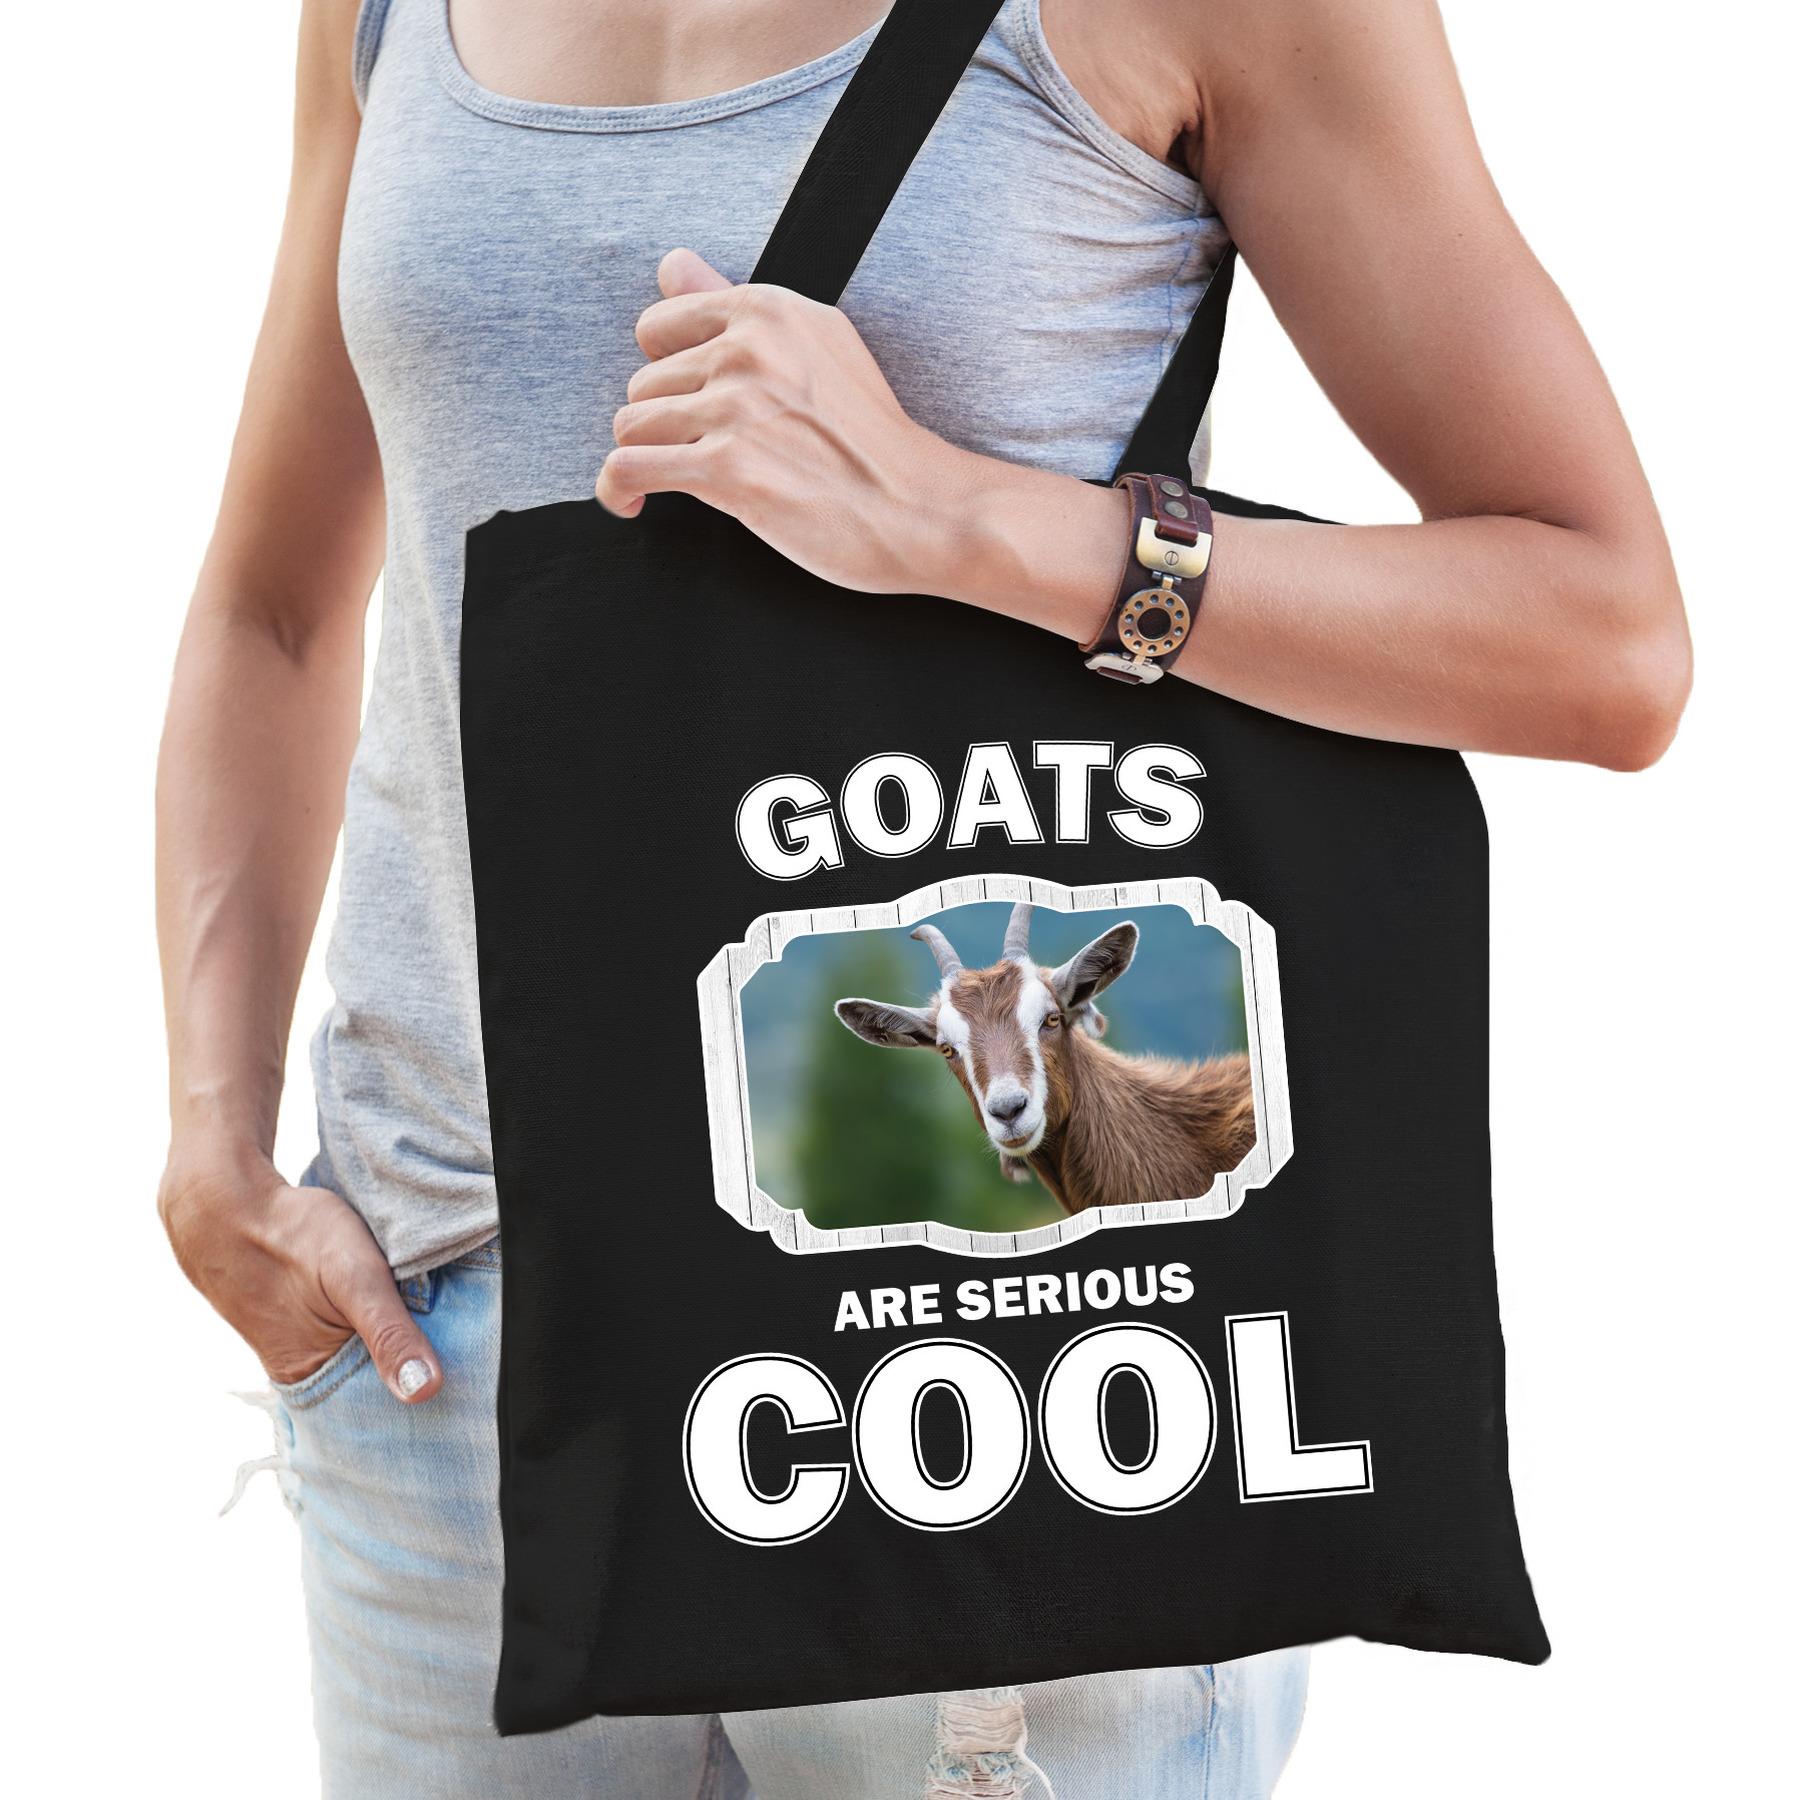 Katoenen tasje goats are serious cool zwart - geiten/ geit cadeau tas